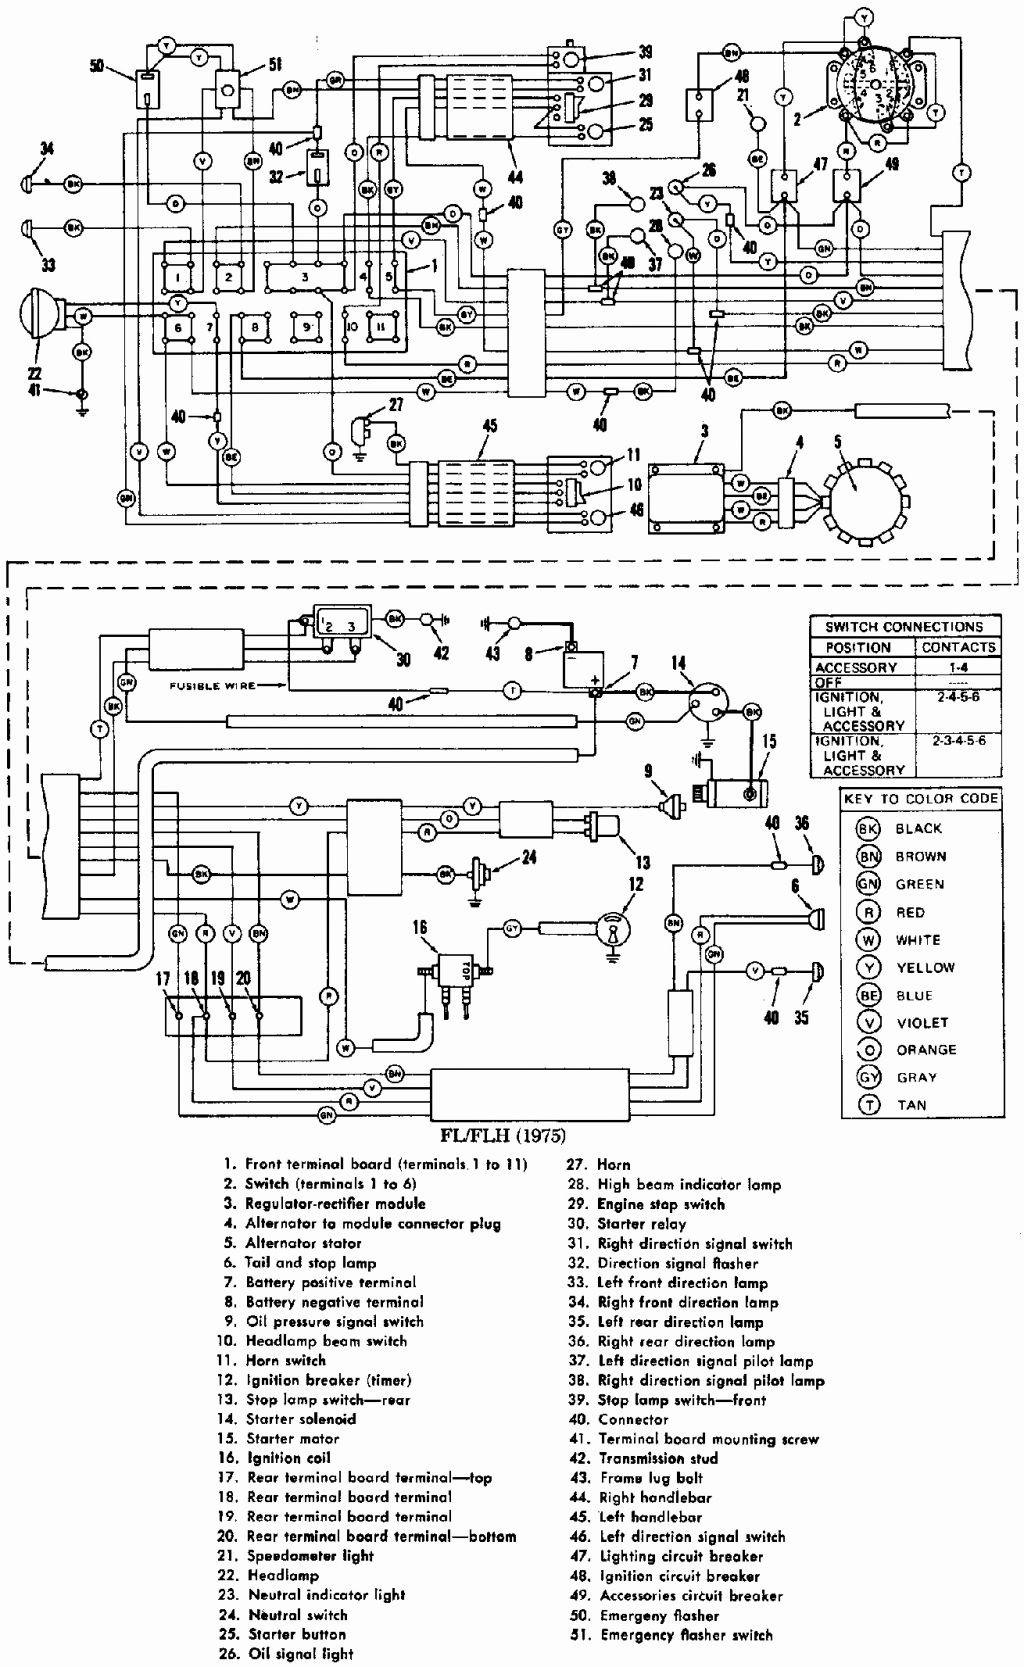 2012 flhx handlebar wiring diagram wiring diagram rh 7 yoga neuwied de